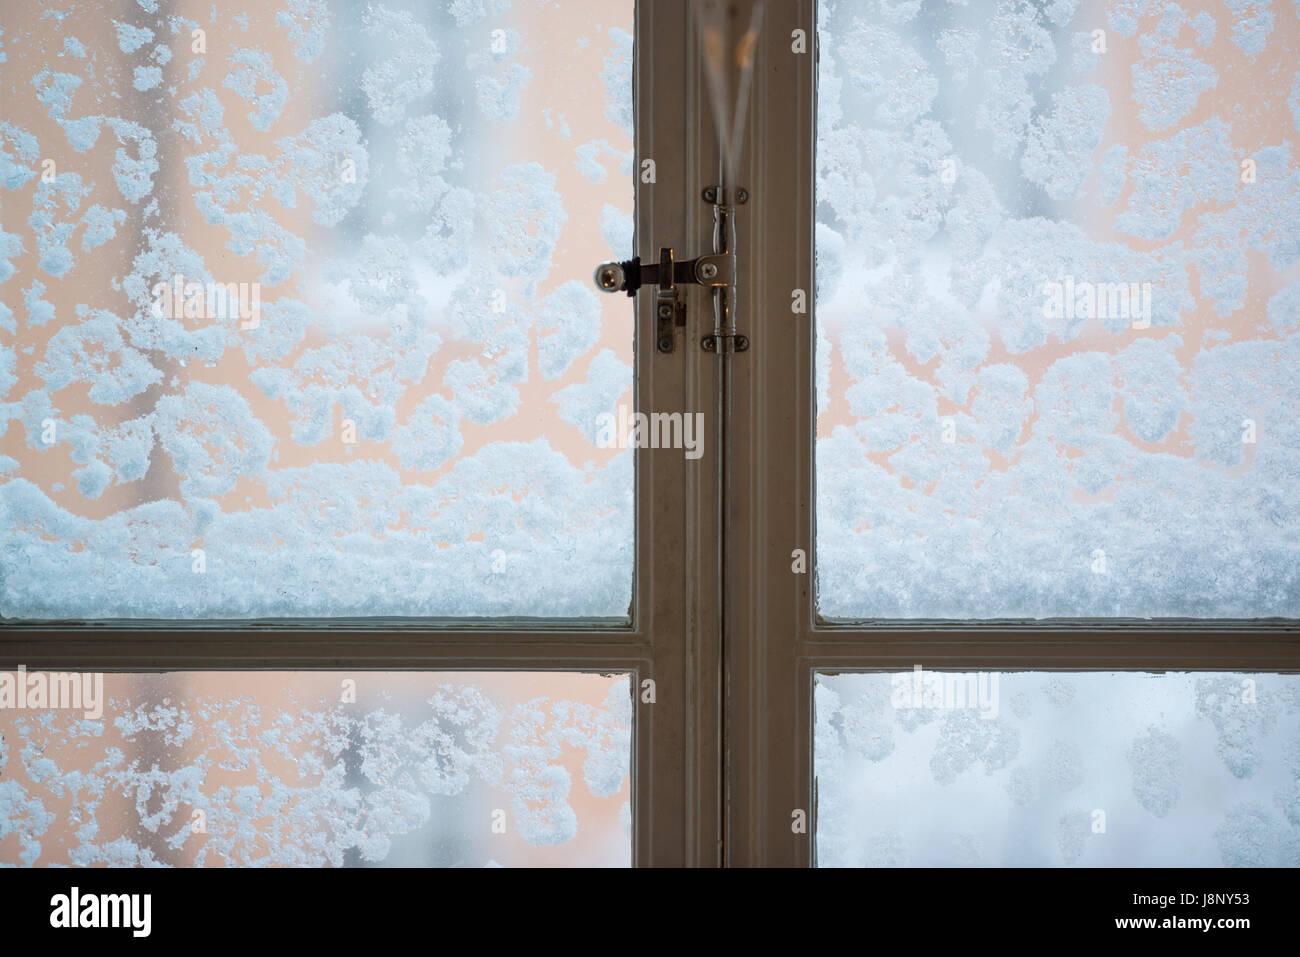 Bulletins d'enneigement sur fenêtre Banque D'Images